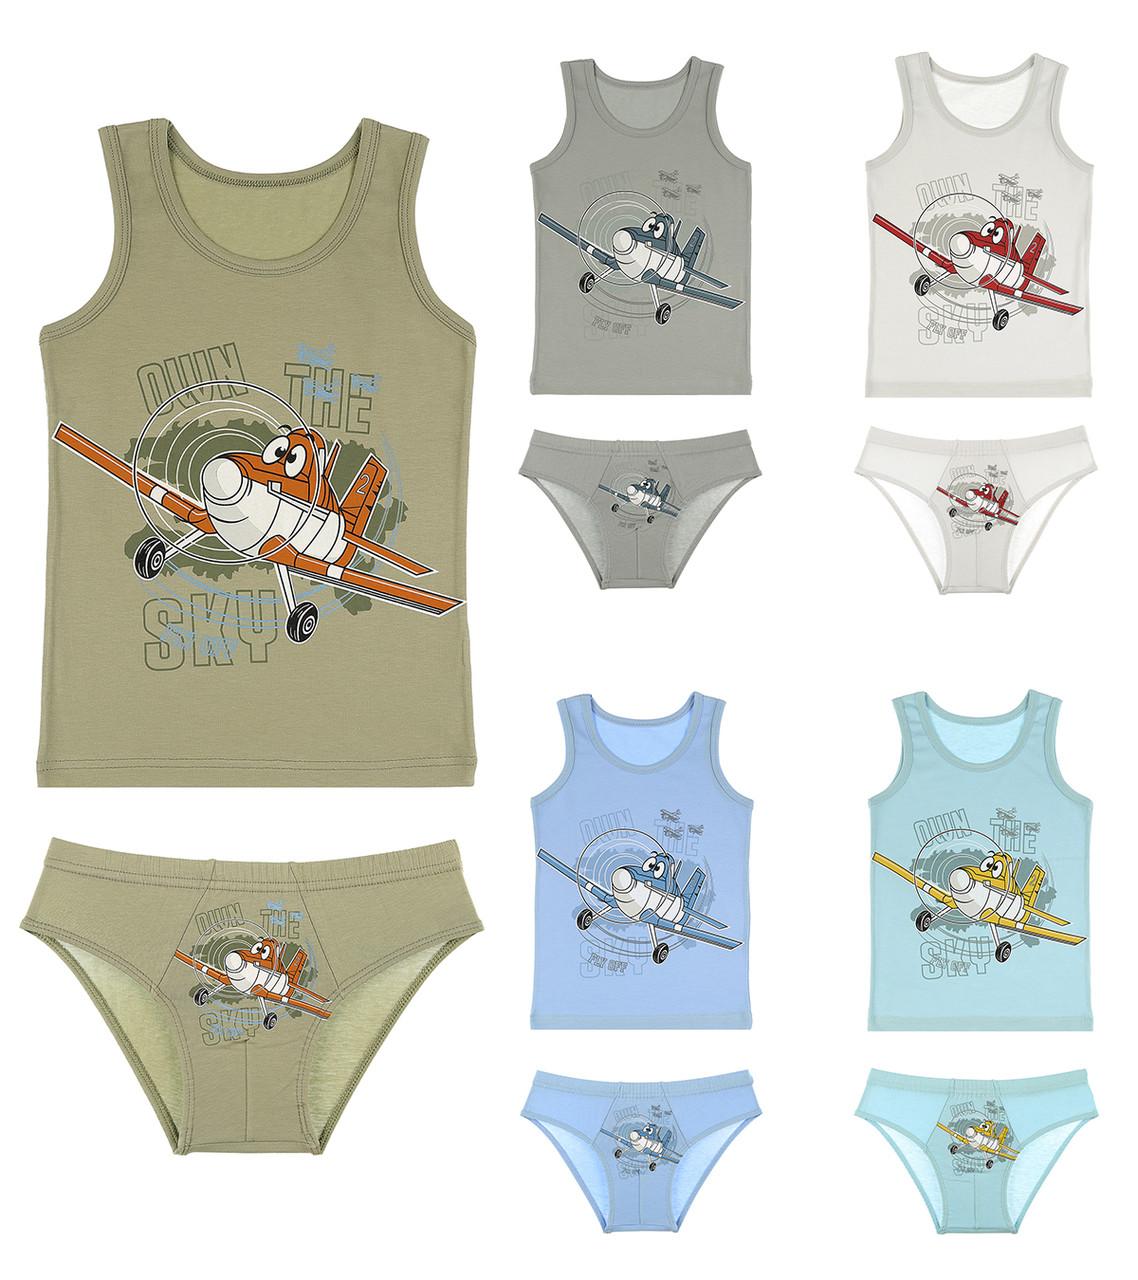 Комплекты белья для мальчика (майка+плавки), Doni